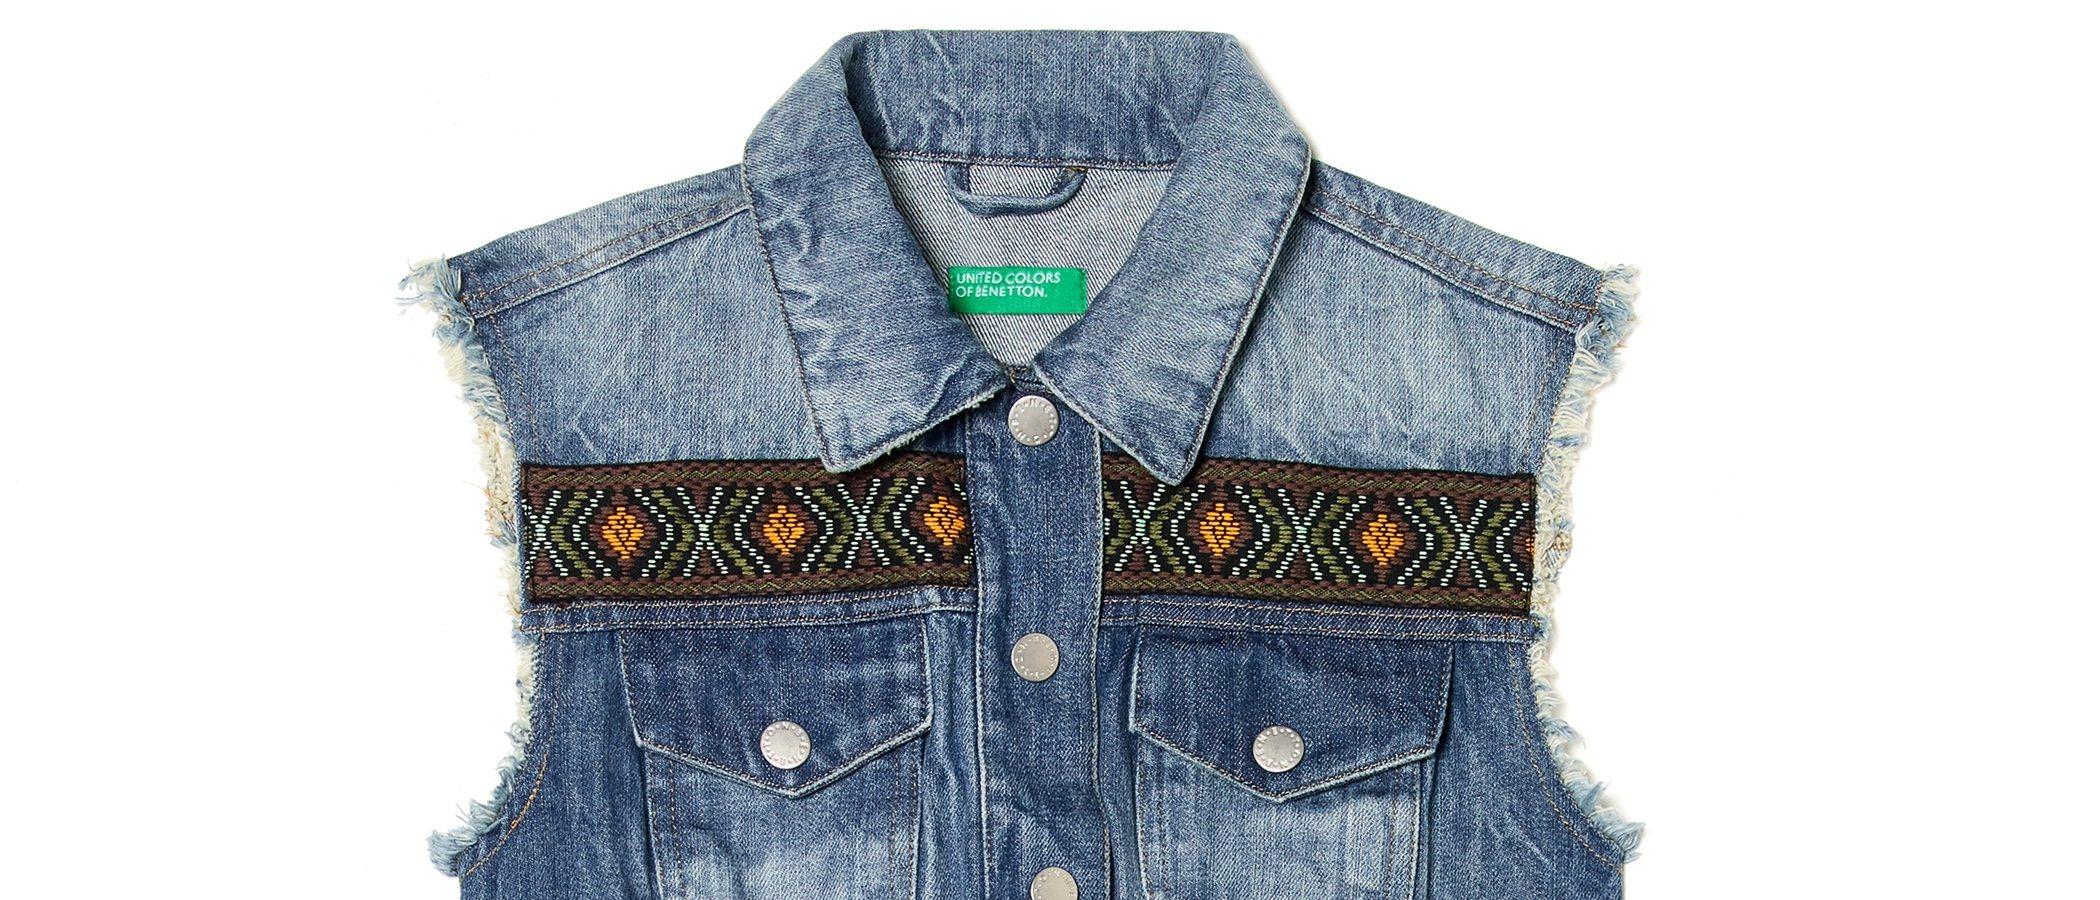 La selección de piezas de la primavera/verano 2018 de Benetton inspira los looks de Coachella